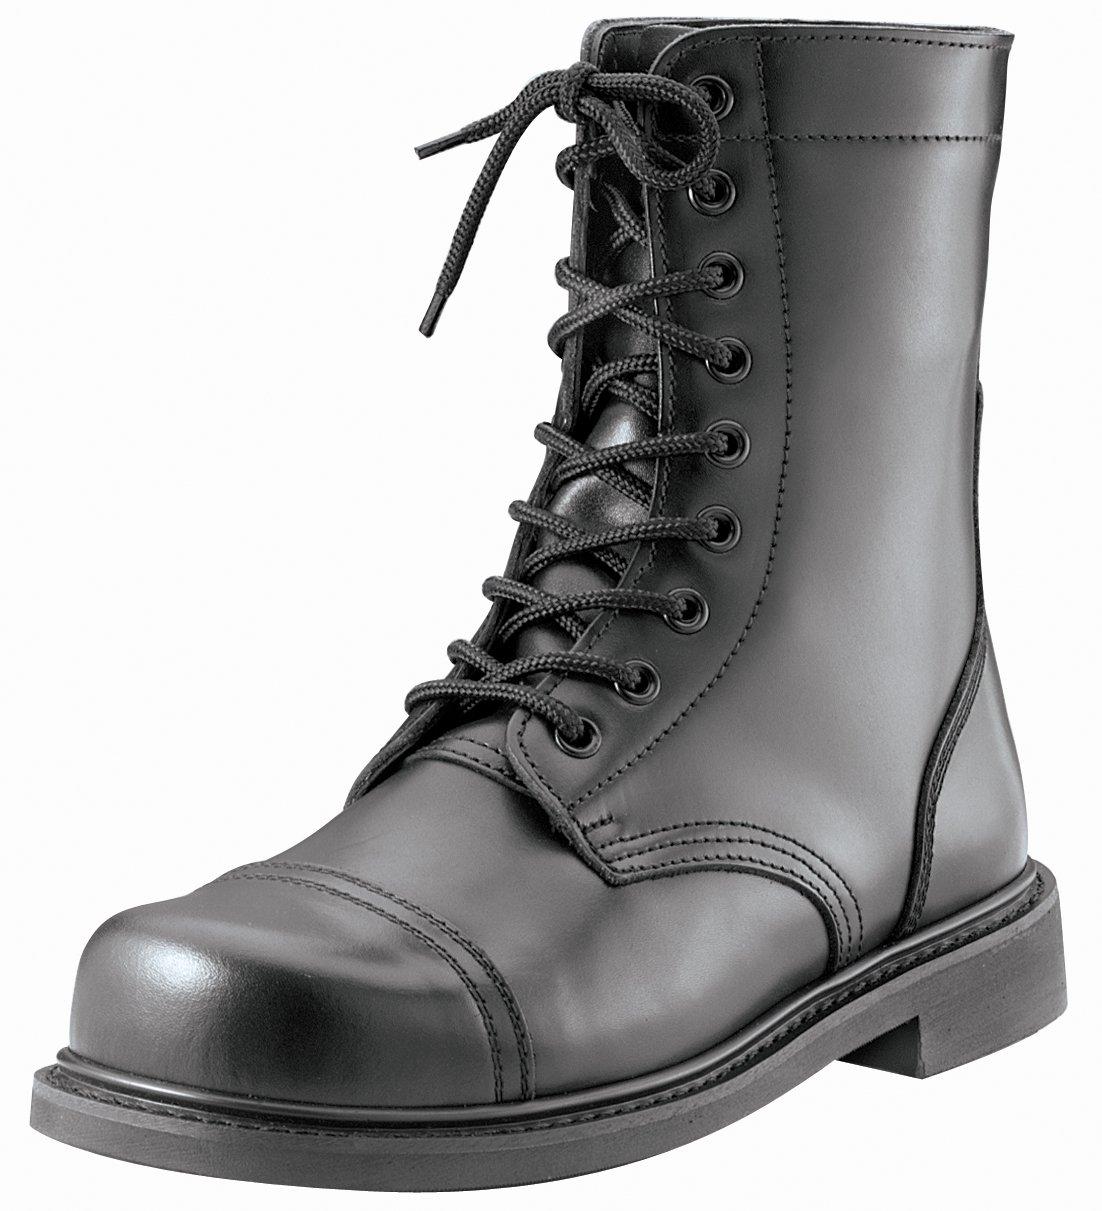 Rothco 9'' Gi Type Combat Boot 507513